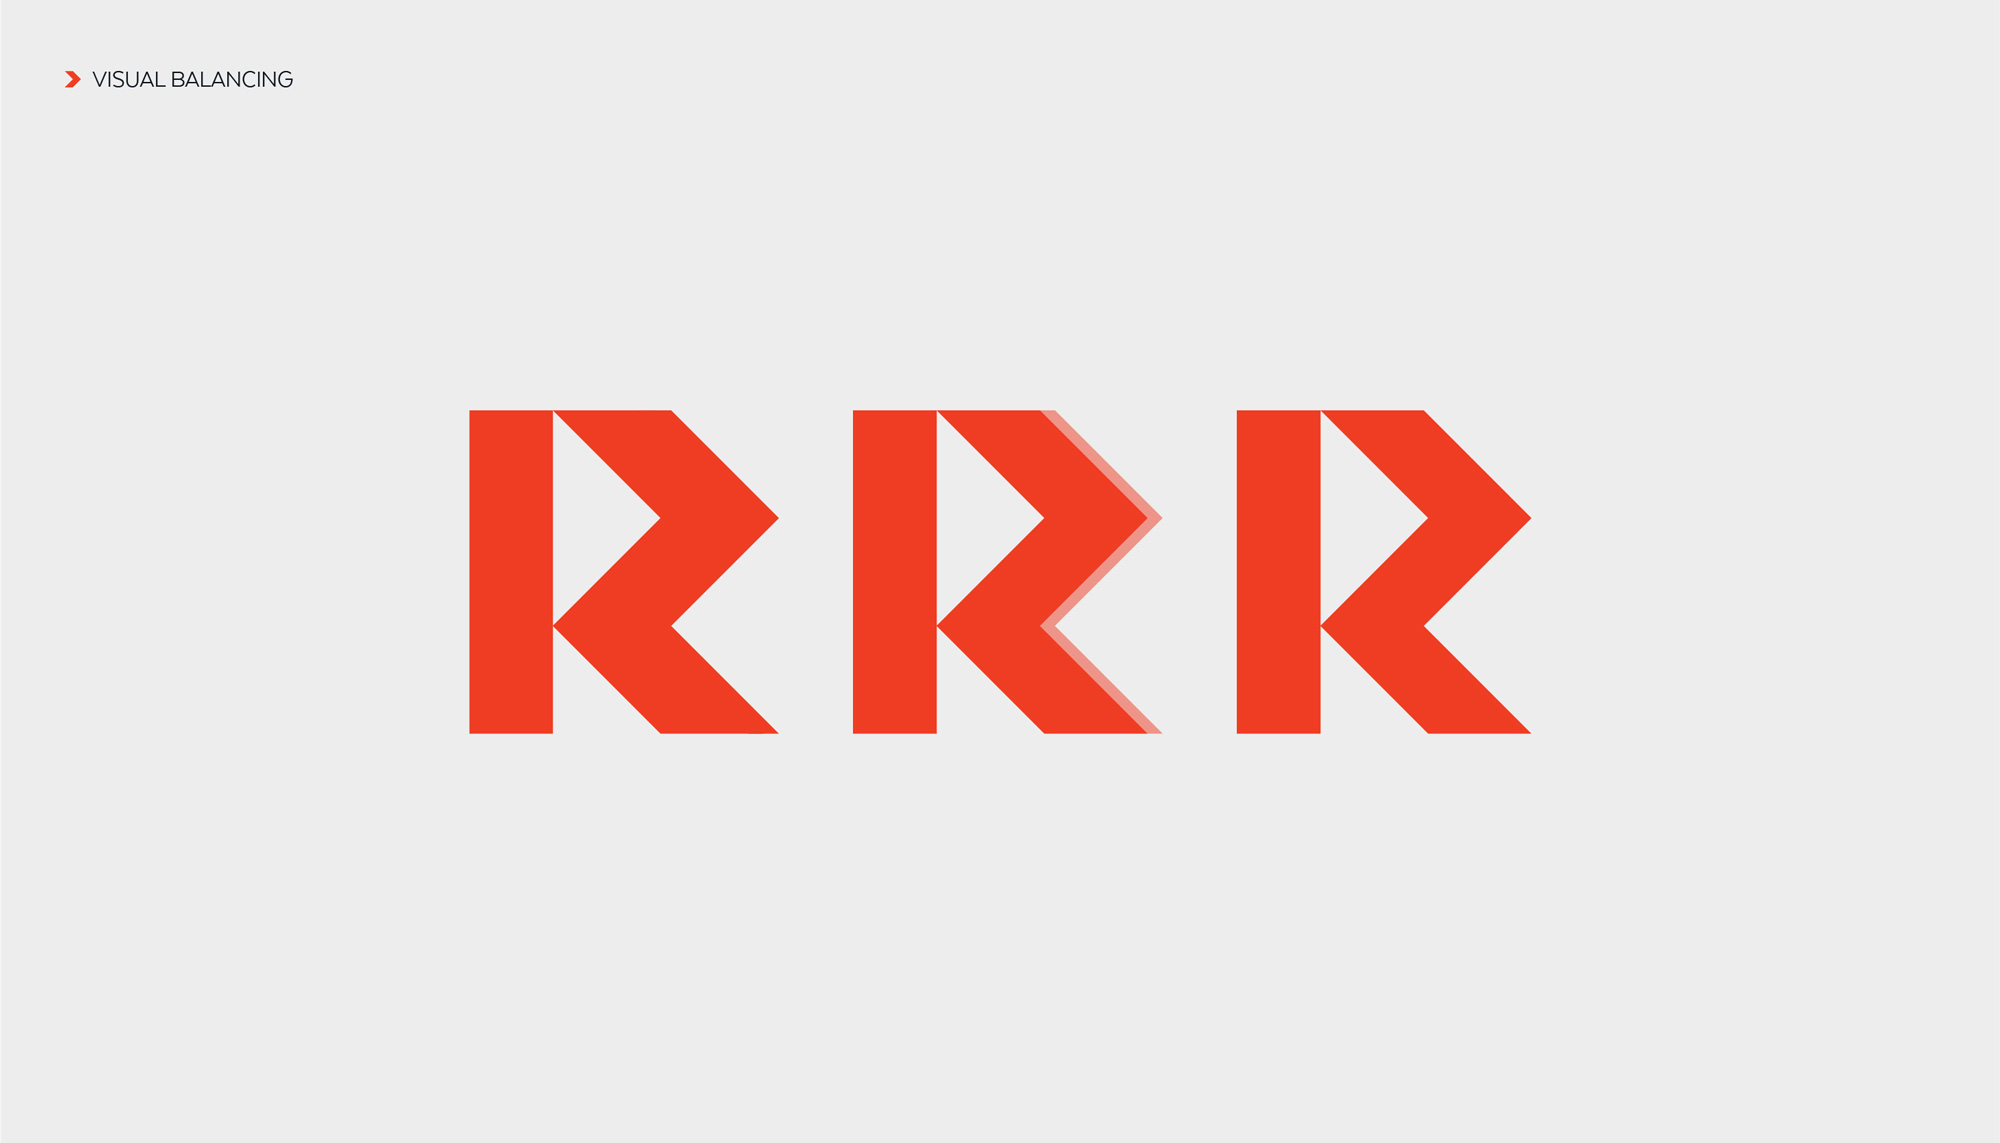 Rick - Personal Branding